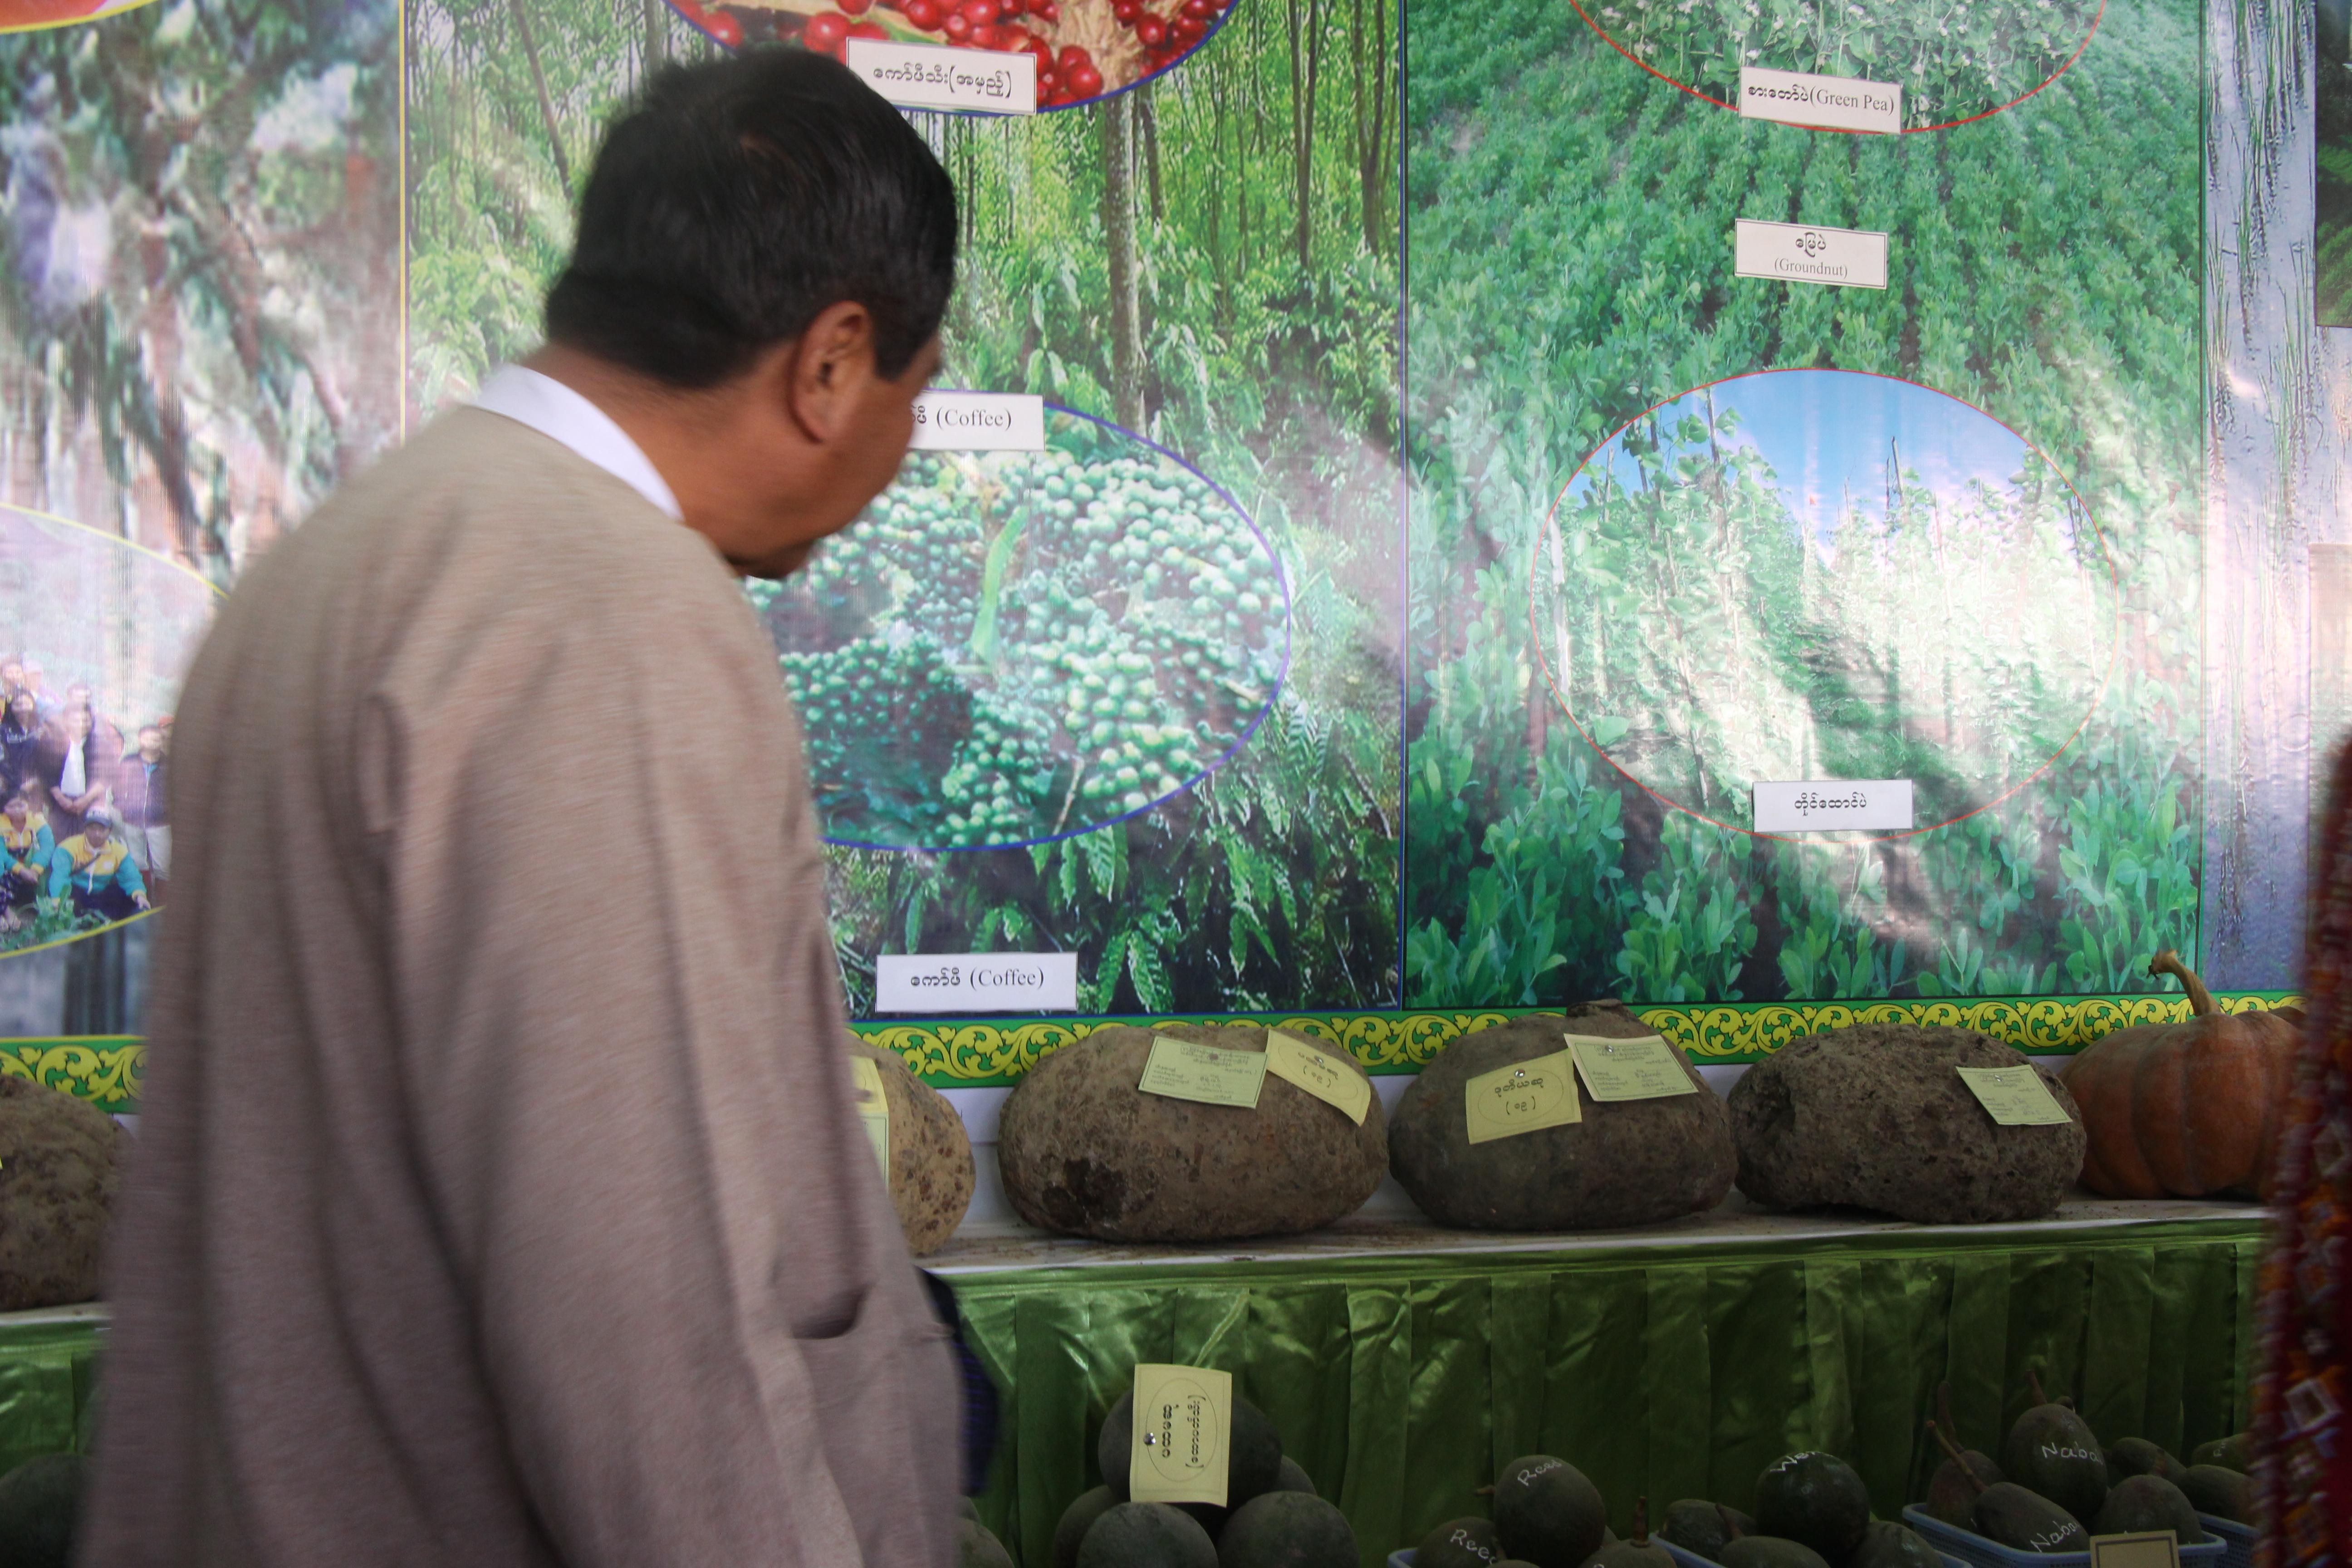 သီးနှံ (၇) မျိုးအား စံချိန်စံညွန်းများ သတ်မှတ်ရေးဆွဲမည်